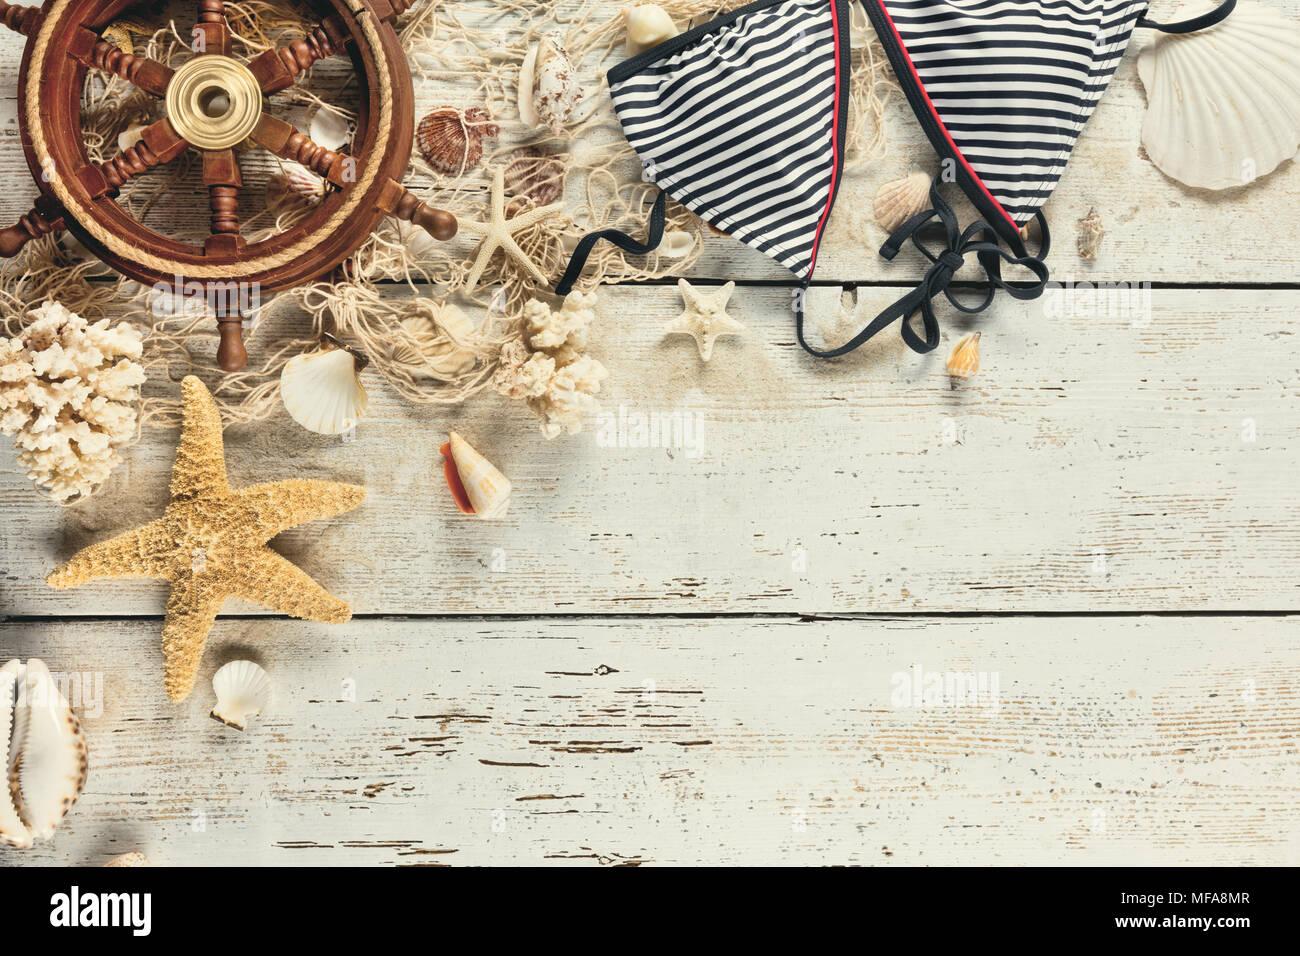 Costume Da Bagno Conchiglia : Conchiglie costume da bagno e timone in legno con rete da pesca